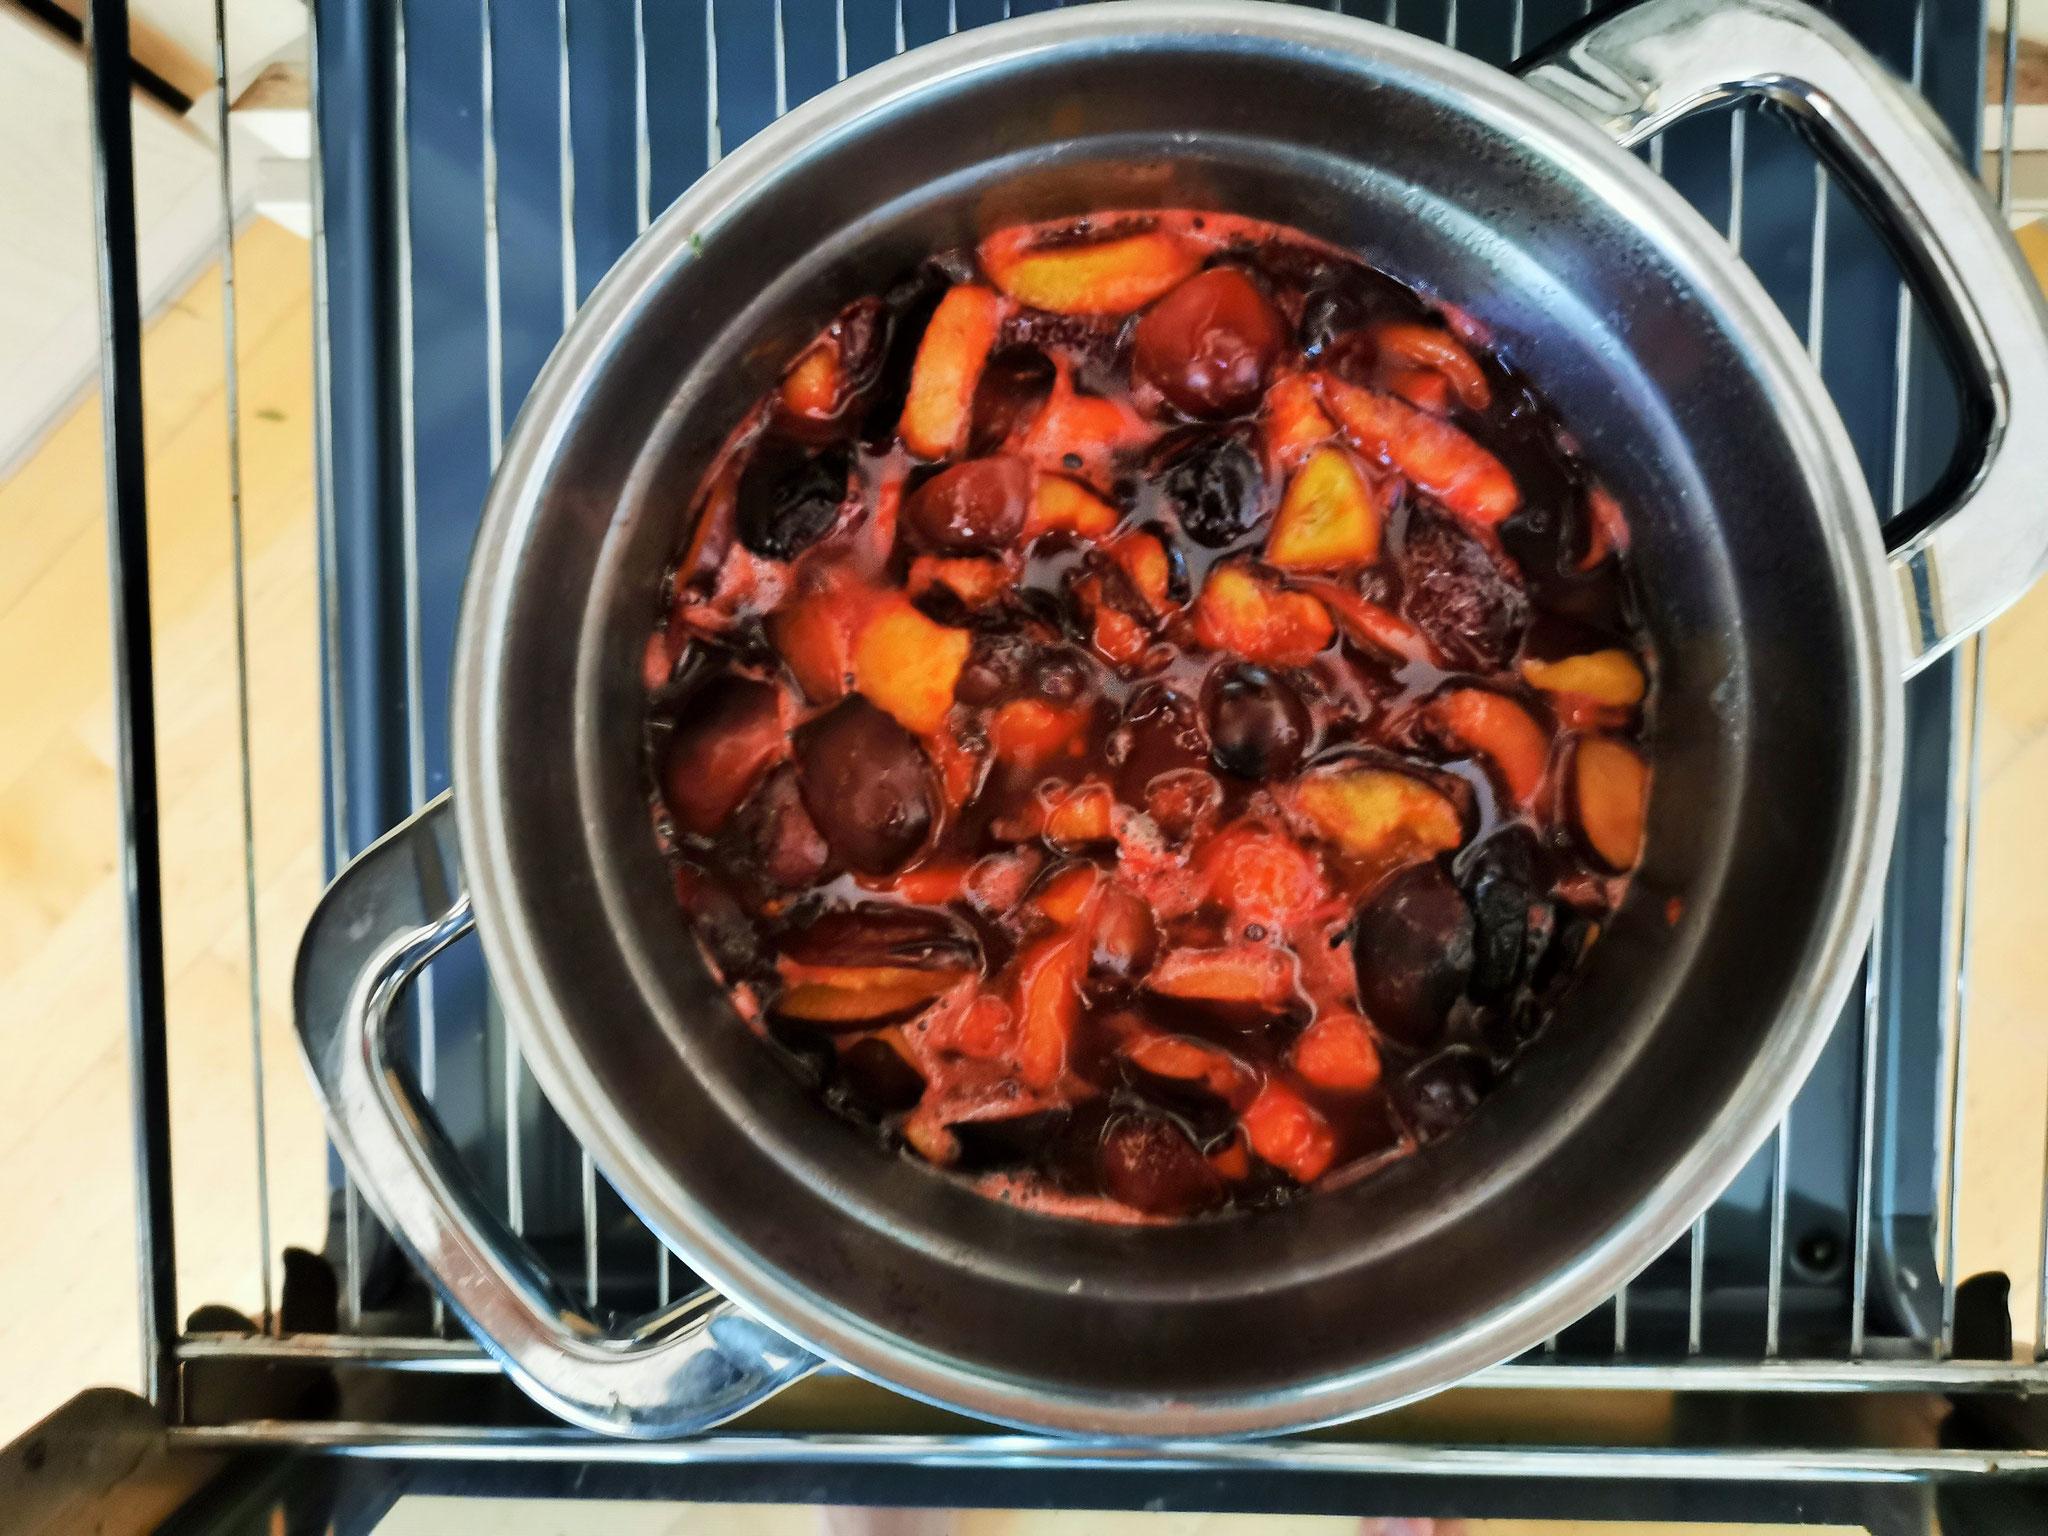 im Ofen werden die Zwetschgen ca. 10-12 Stunden eingekocht